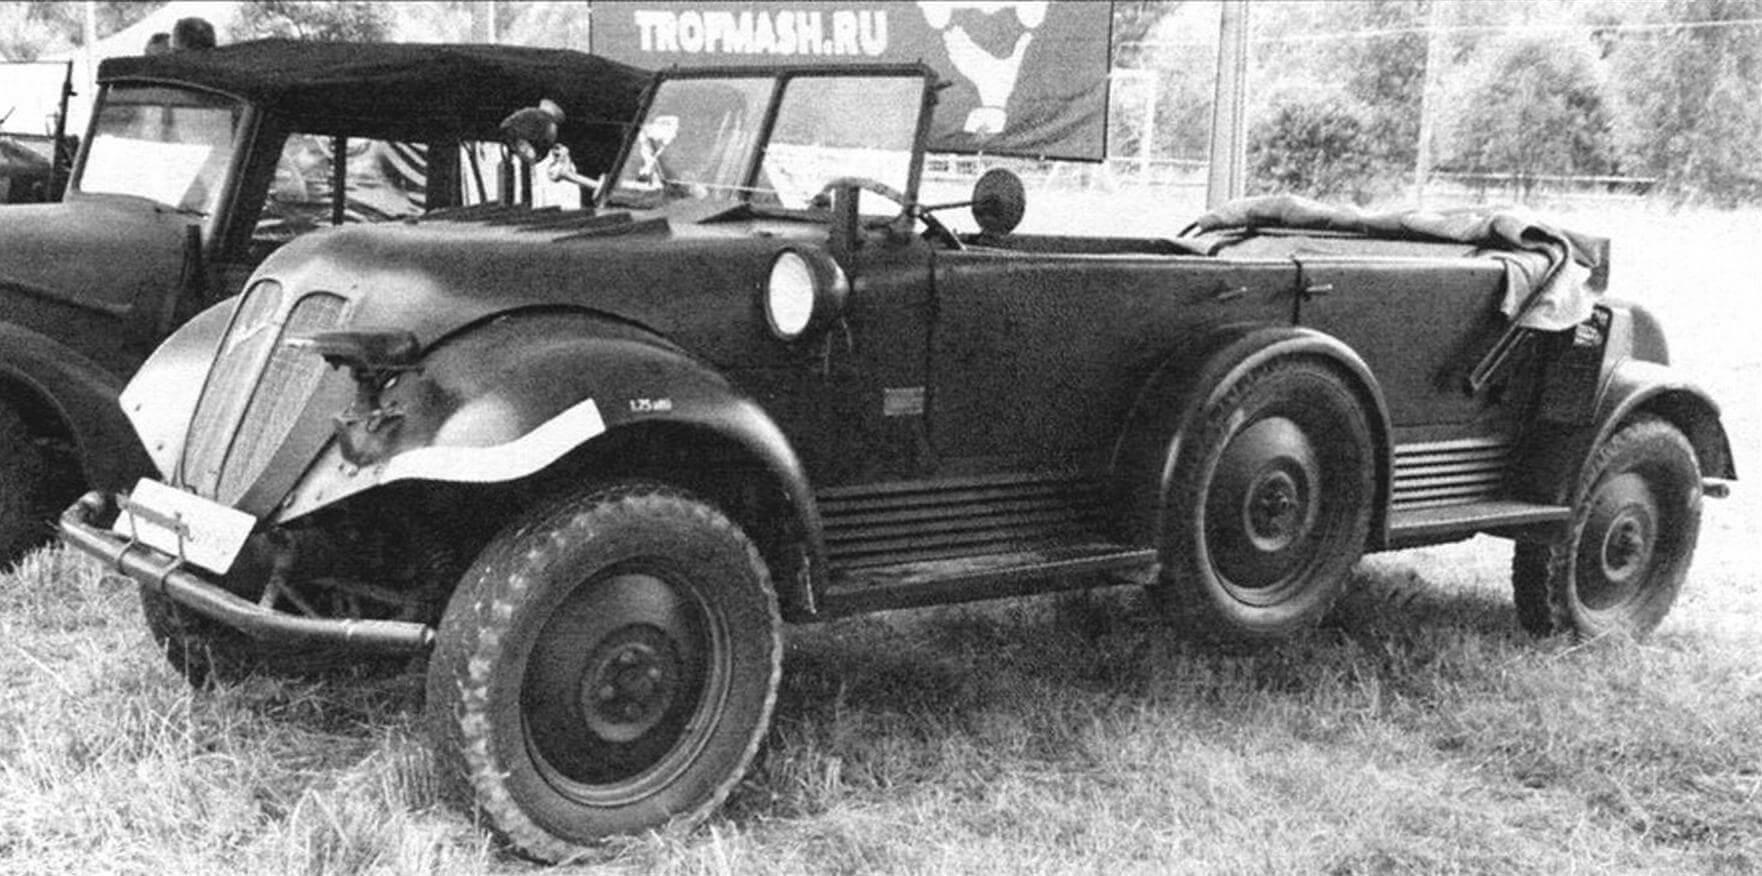 Tempo G 1200 отличался оригинальной конструкцией: два мотора, все колеса ведущие и управляемые